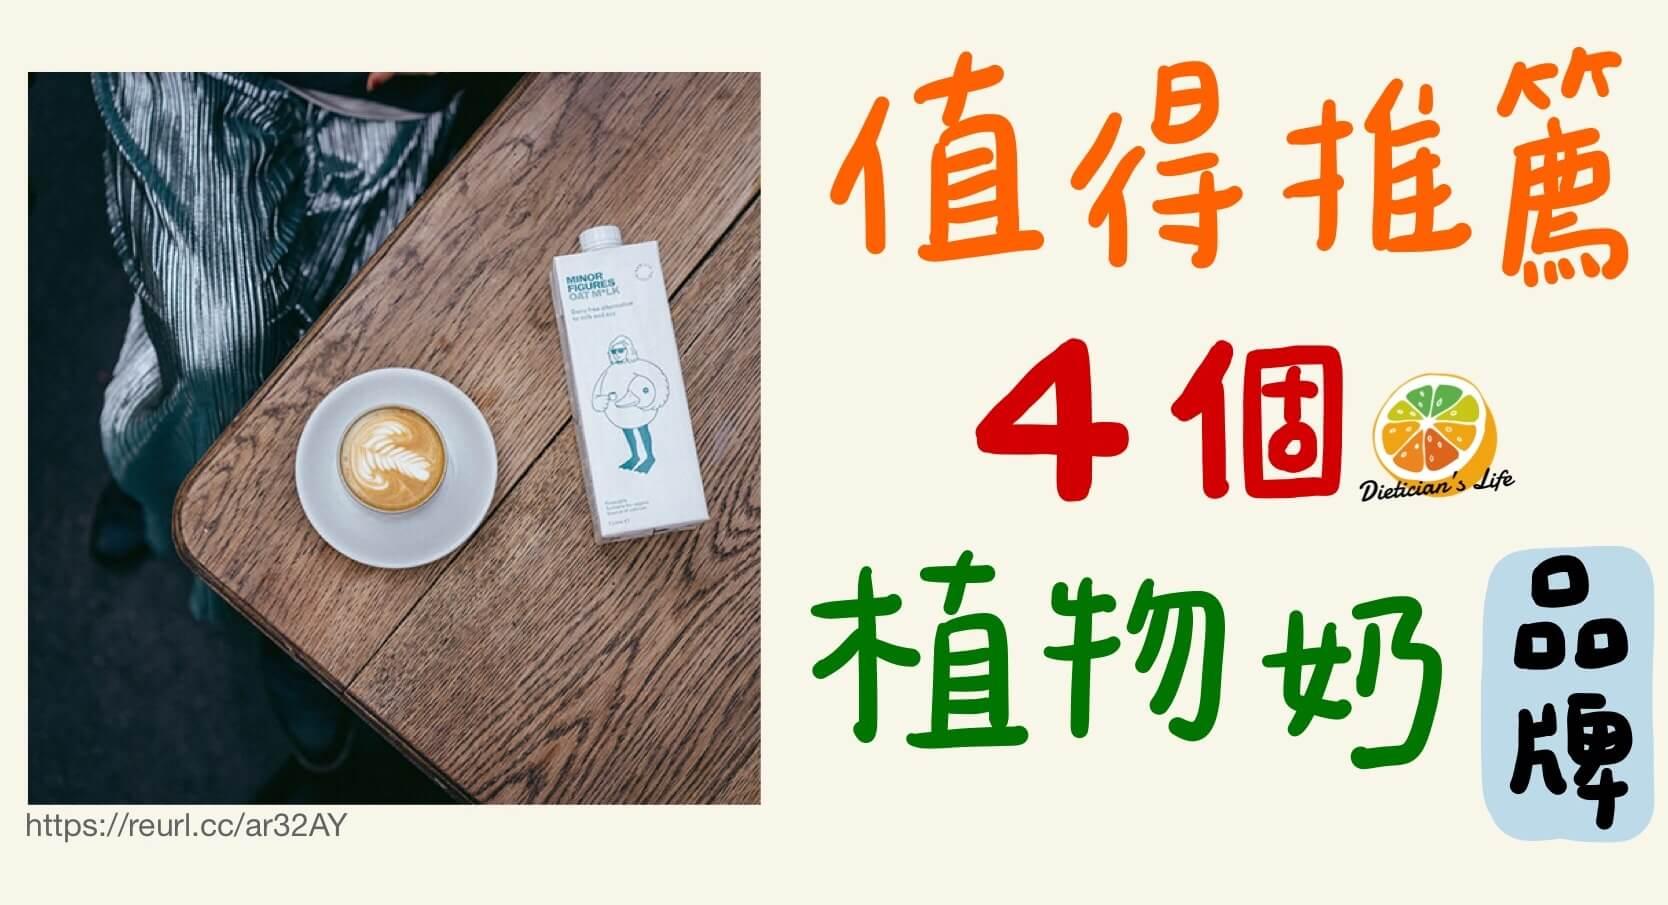 風靡全球的植物奶,值得推薦的品牌有哪些?OATLY、So good、Alpro、小人物燕麥奶